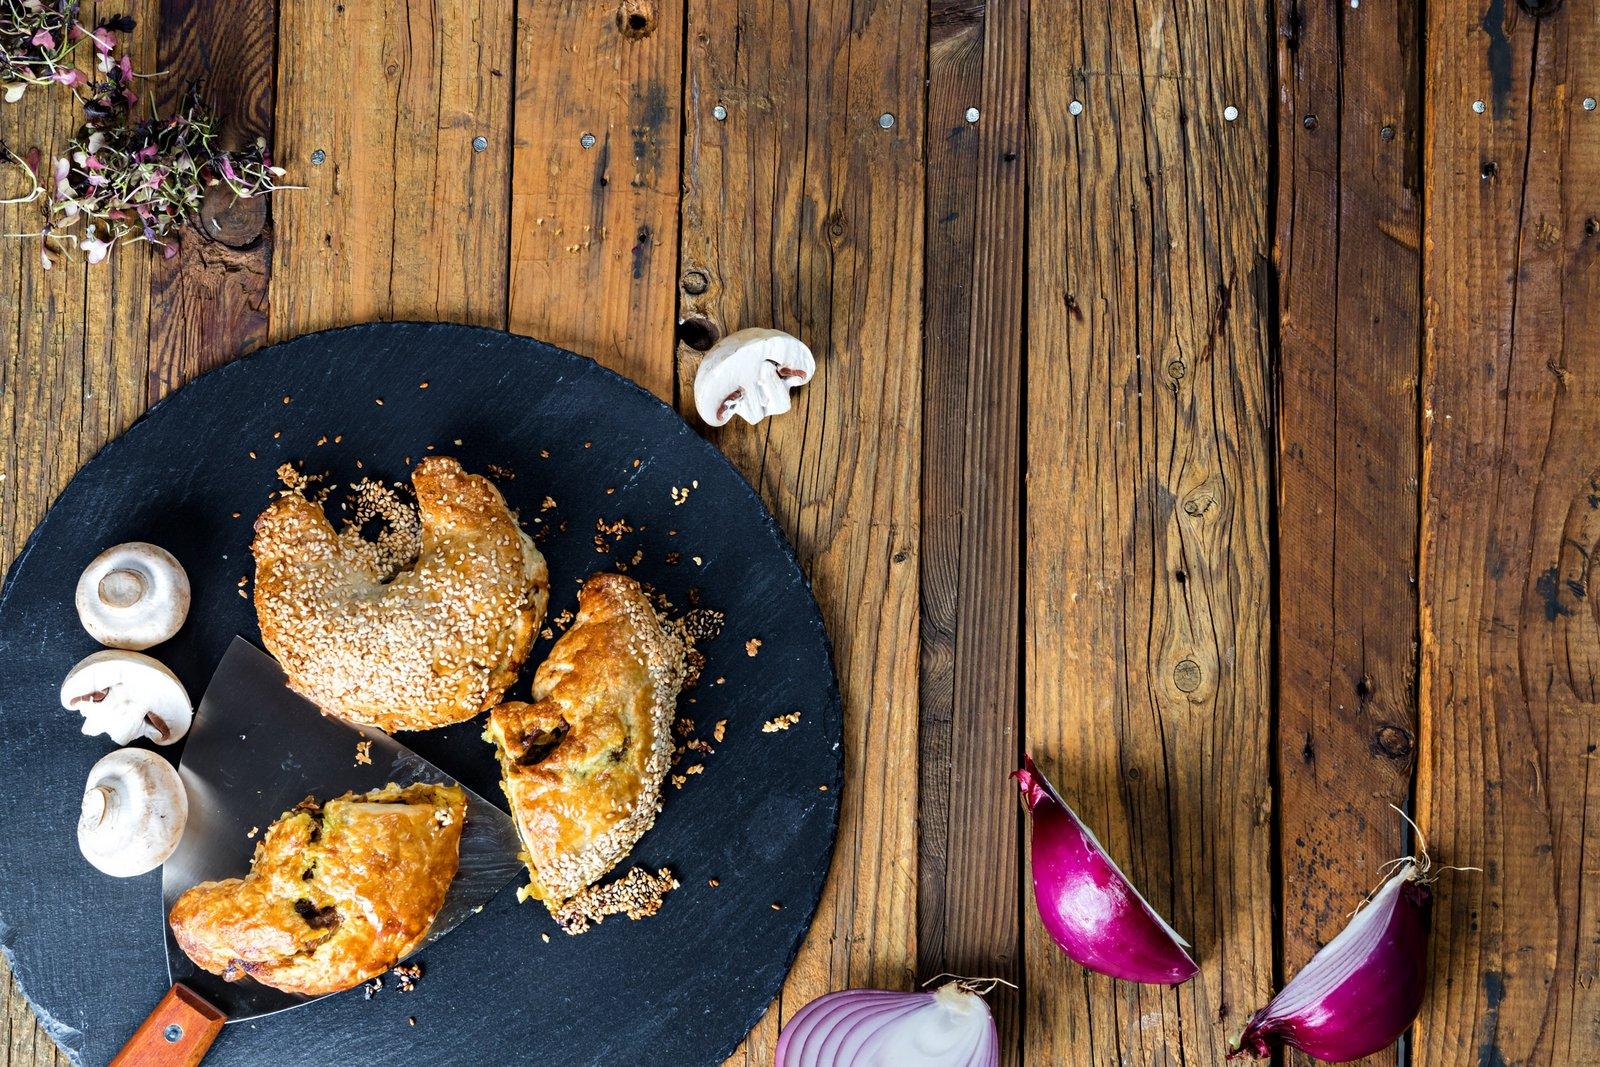 קייטרינג בשרי בירושלים   מאפה עוף   חנות לאוכל מוכן   האחוזה קייטרינג